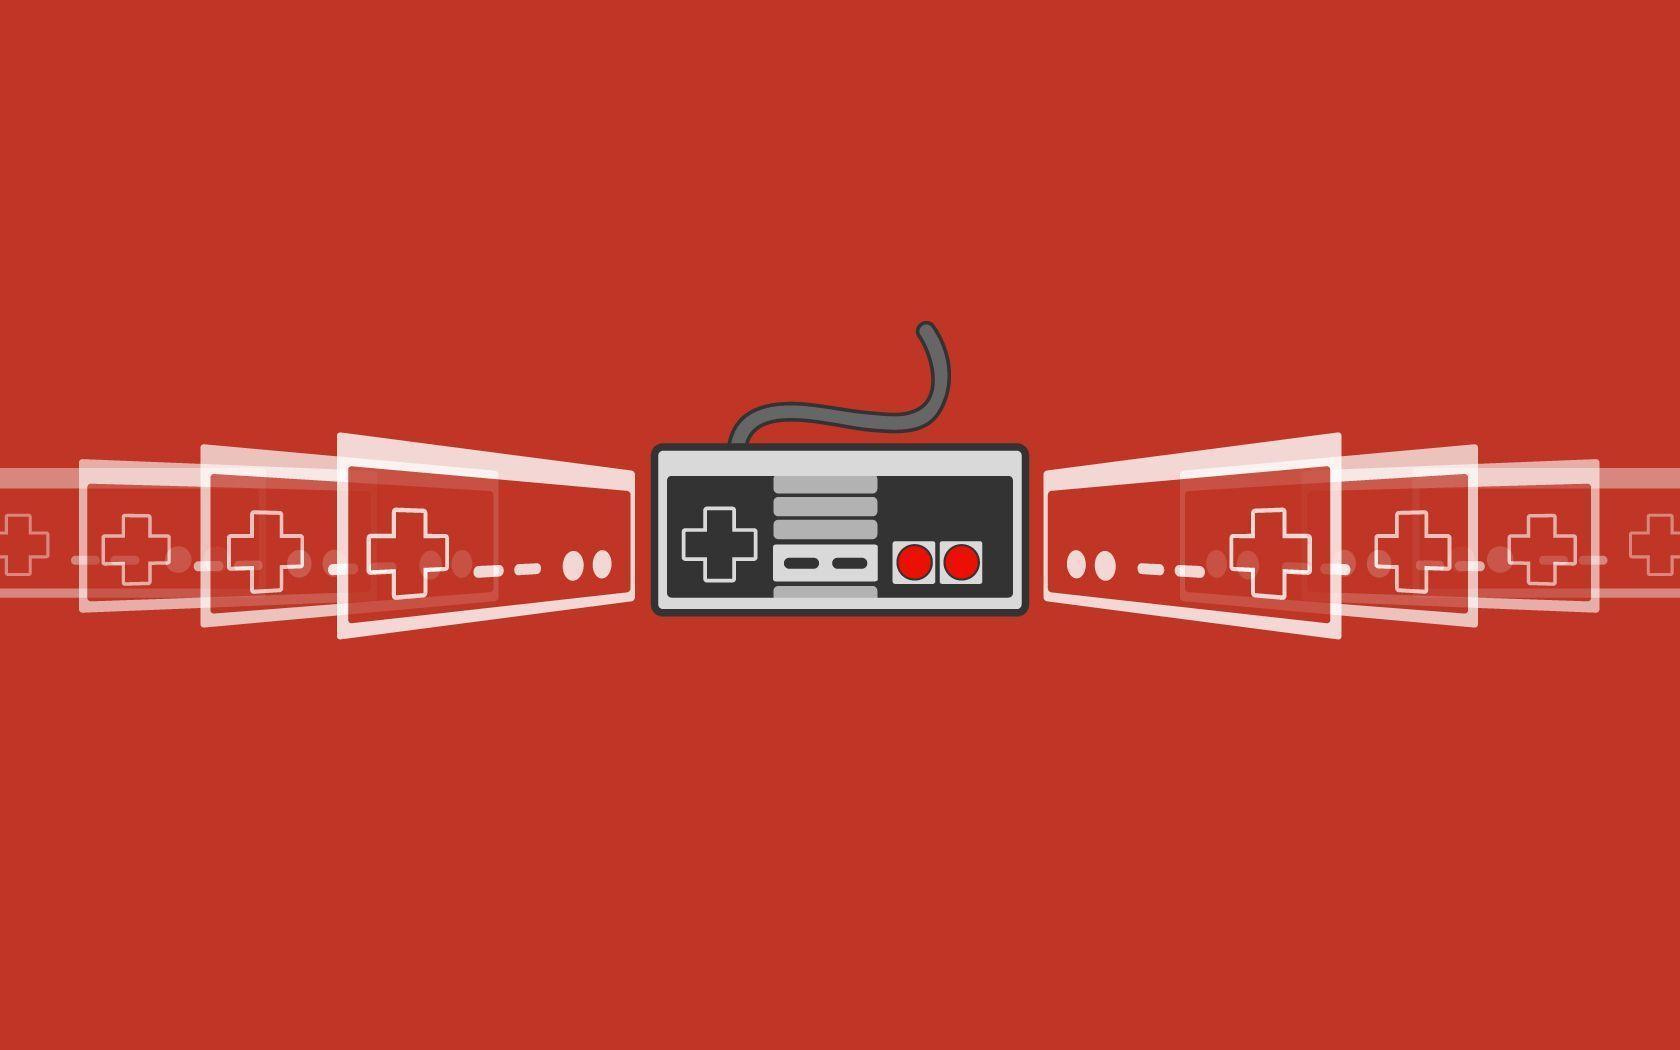 Nintendo Wallpapers 1680x1050